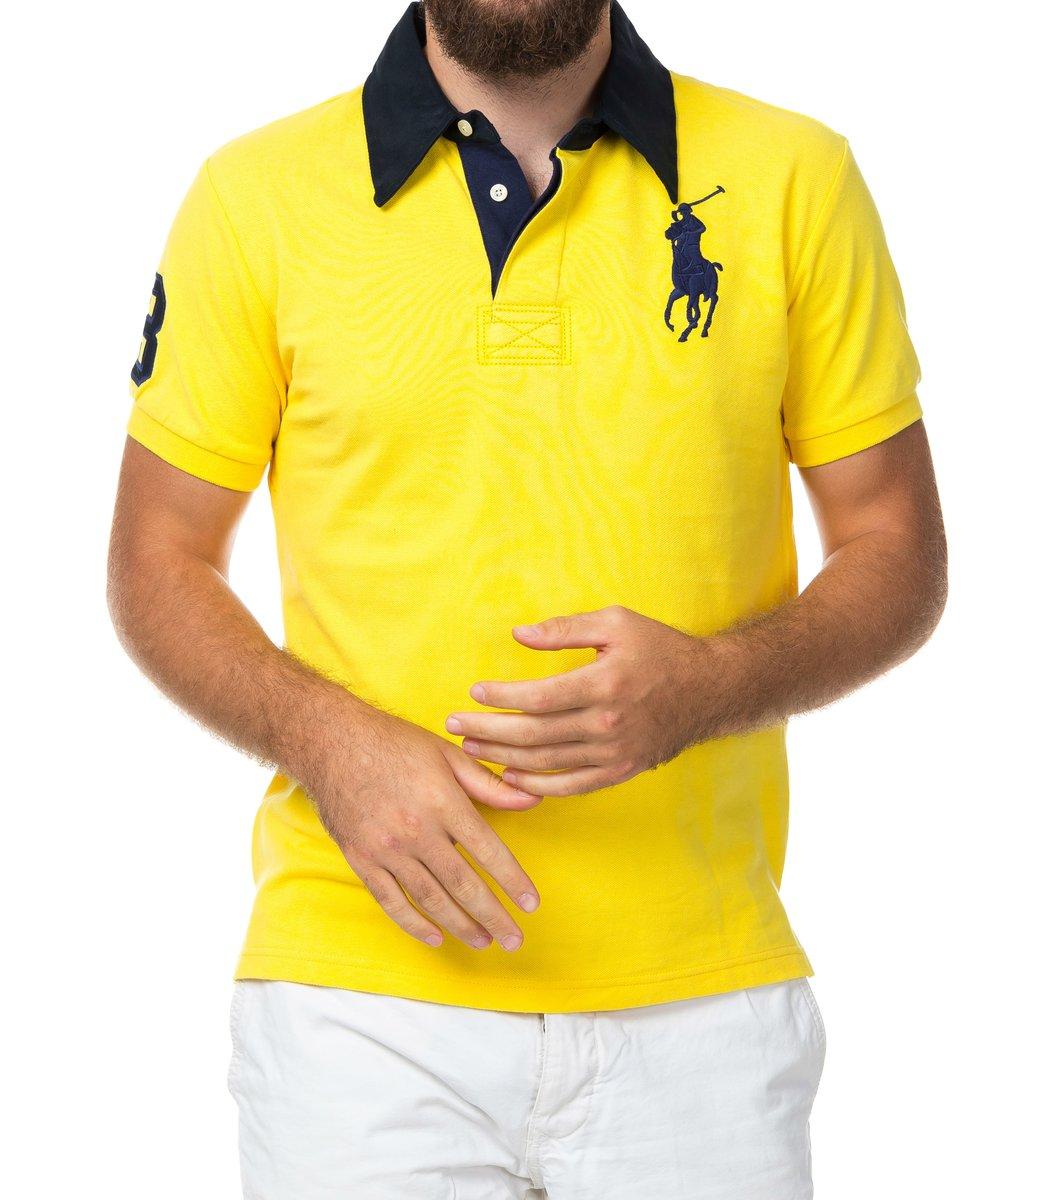 Мужская желтая футболка поло Ralph Lauren R2 - желтый - Вид 2